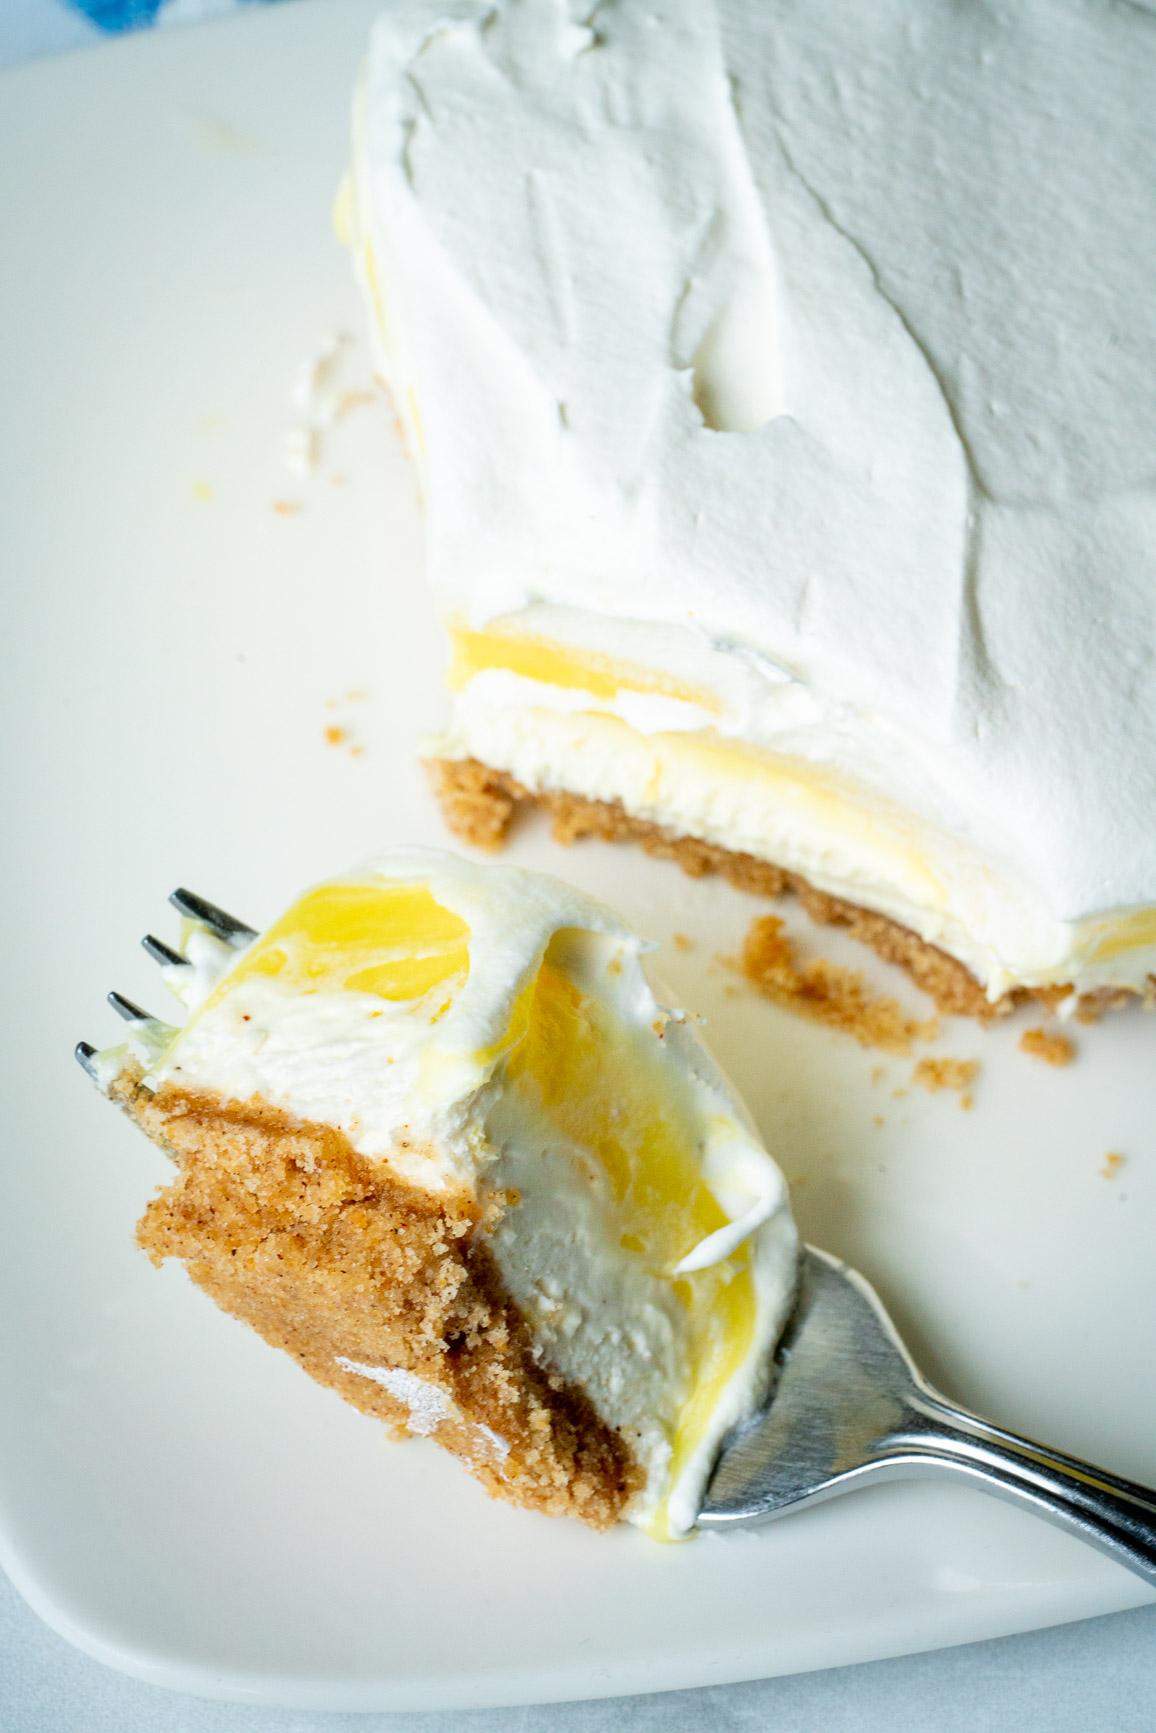 Bite of lemon lush on a fork